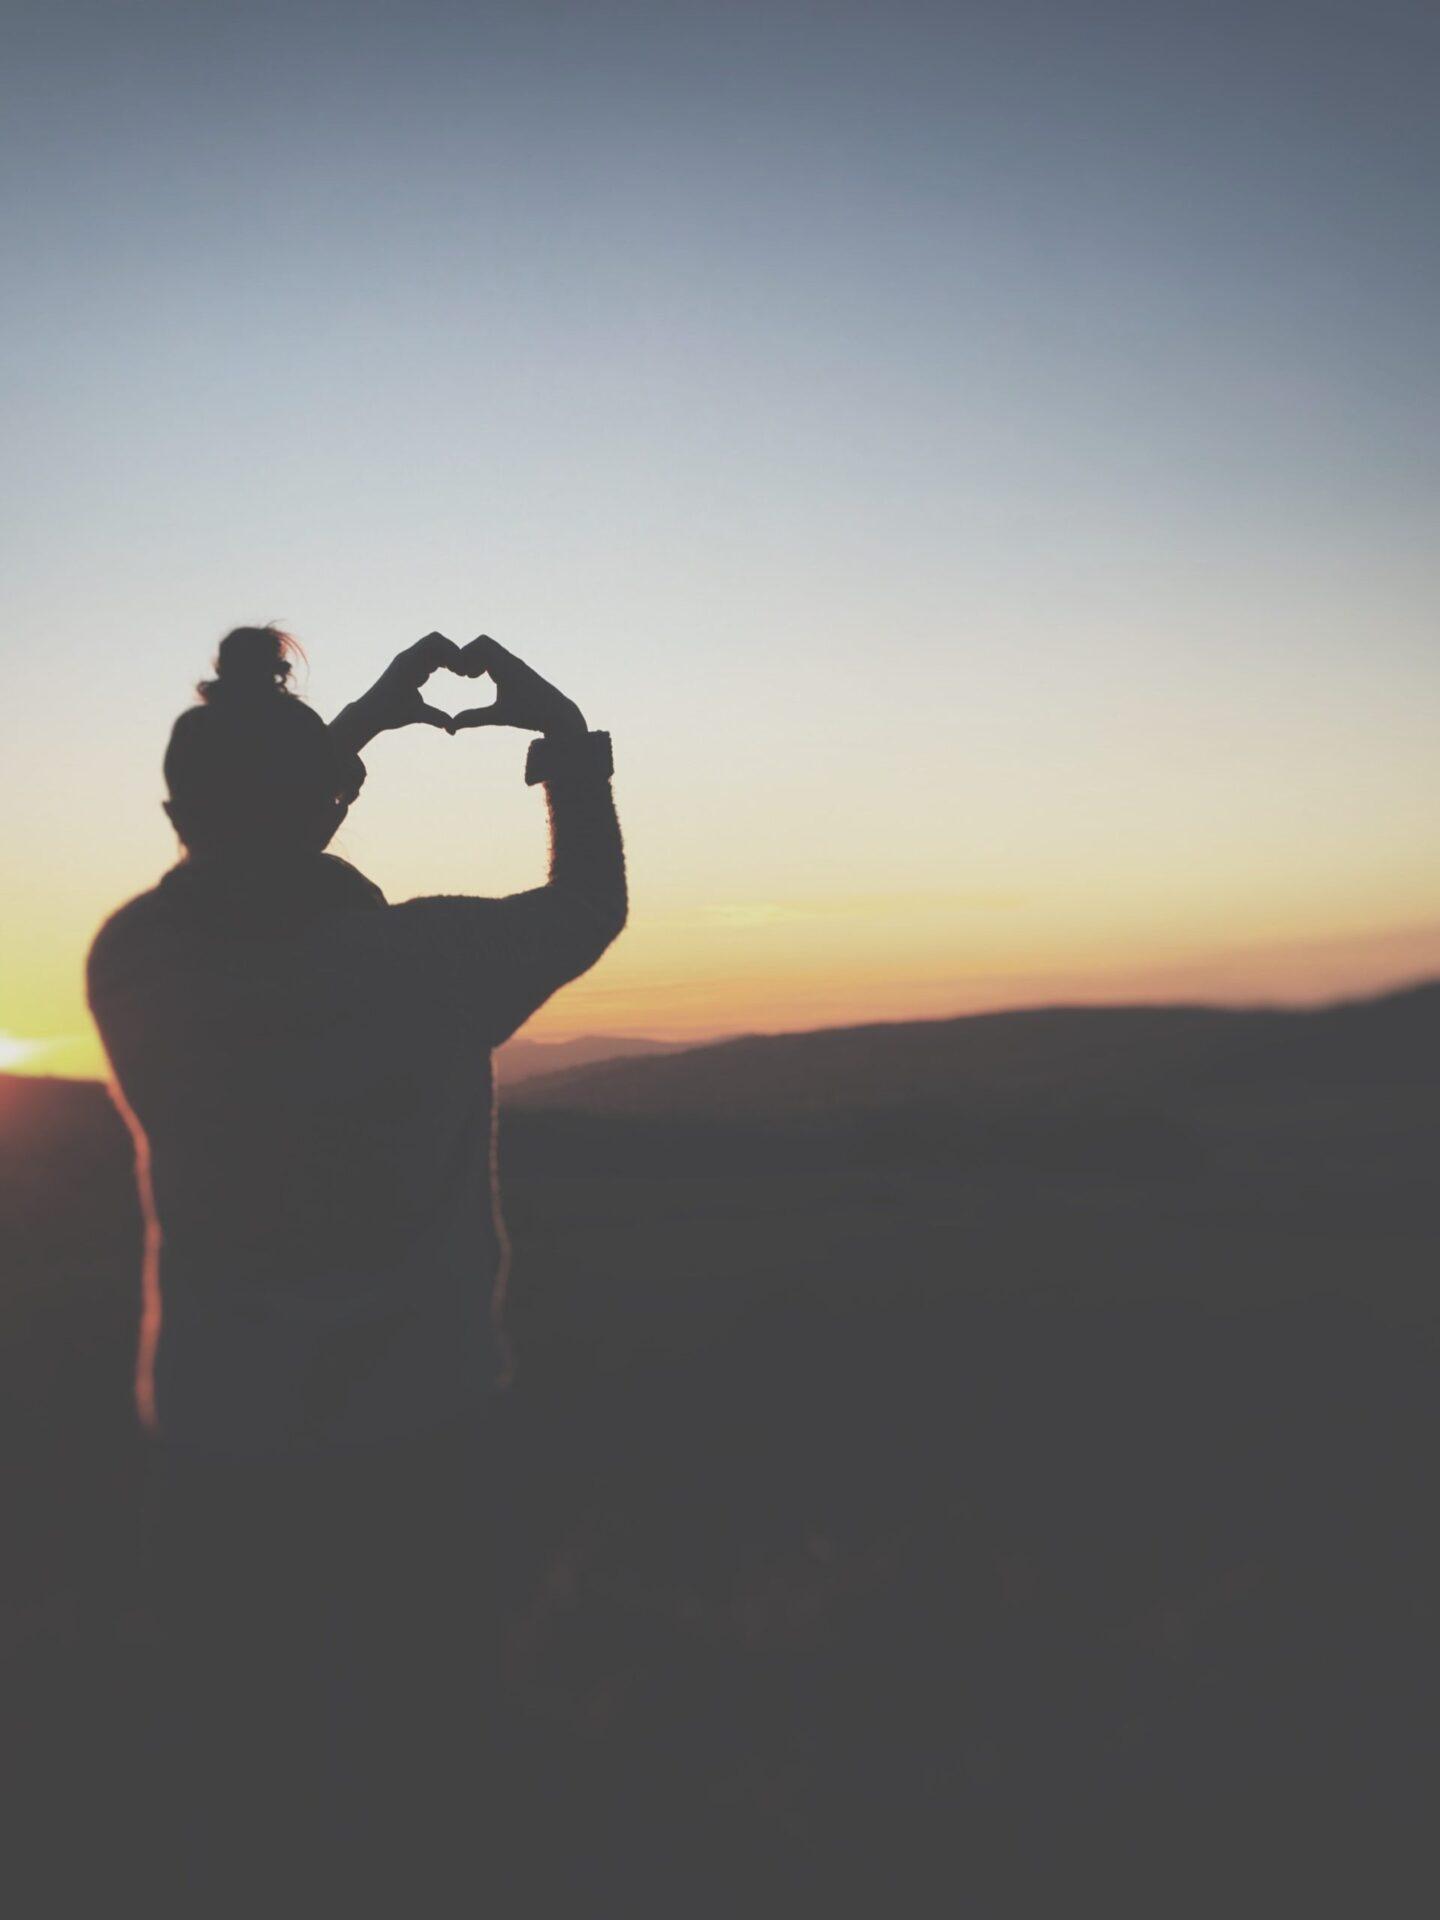 Att ge upp och avstå svåruppnådda mål ökar välmåendet